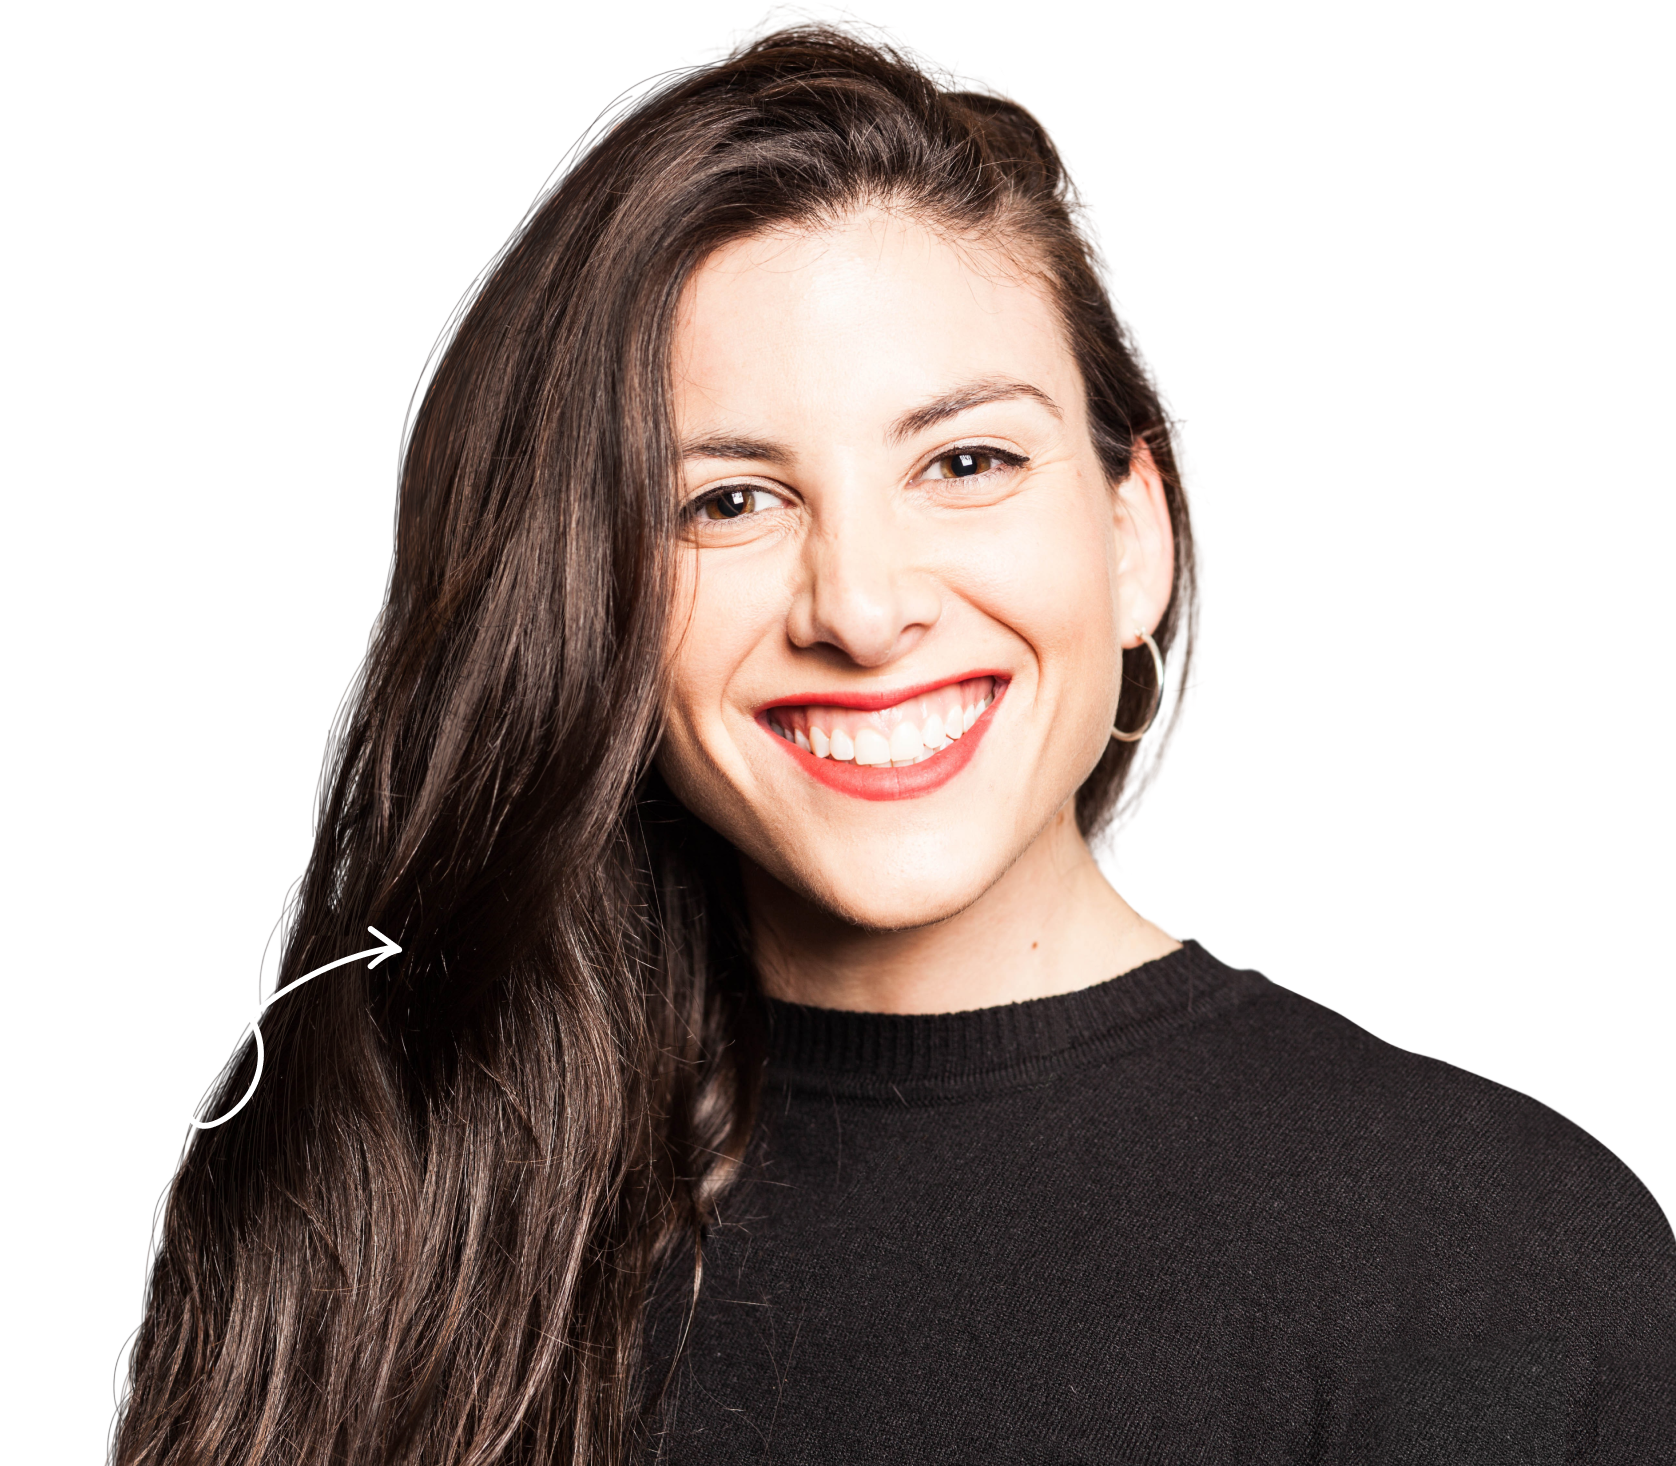 Picture of Sofia Contreras